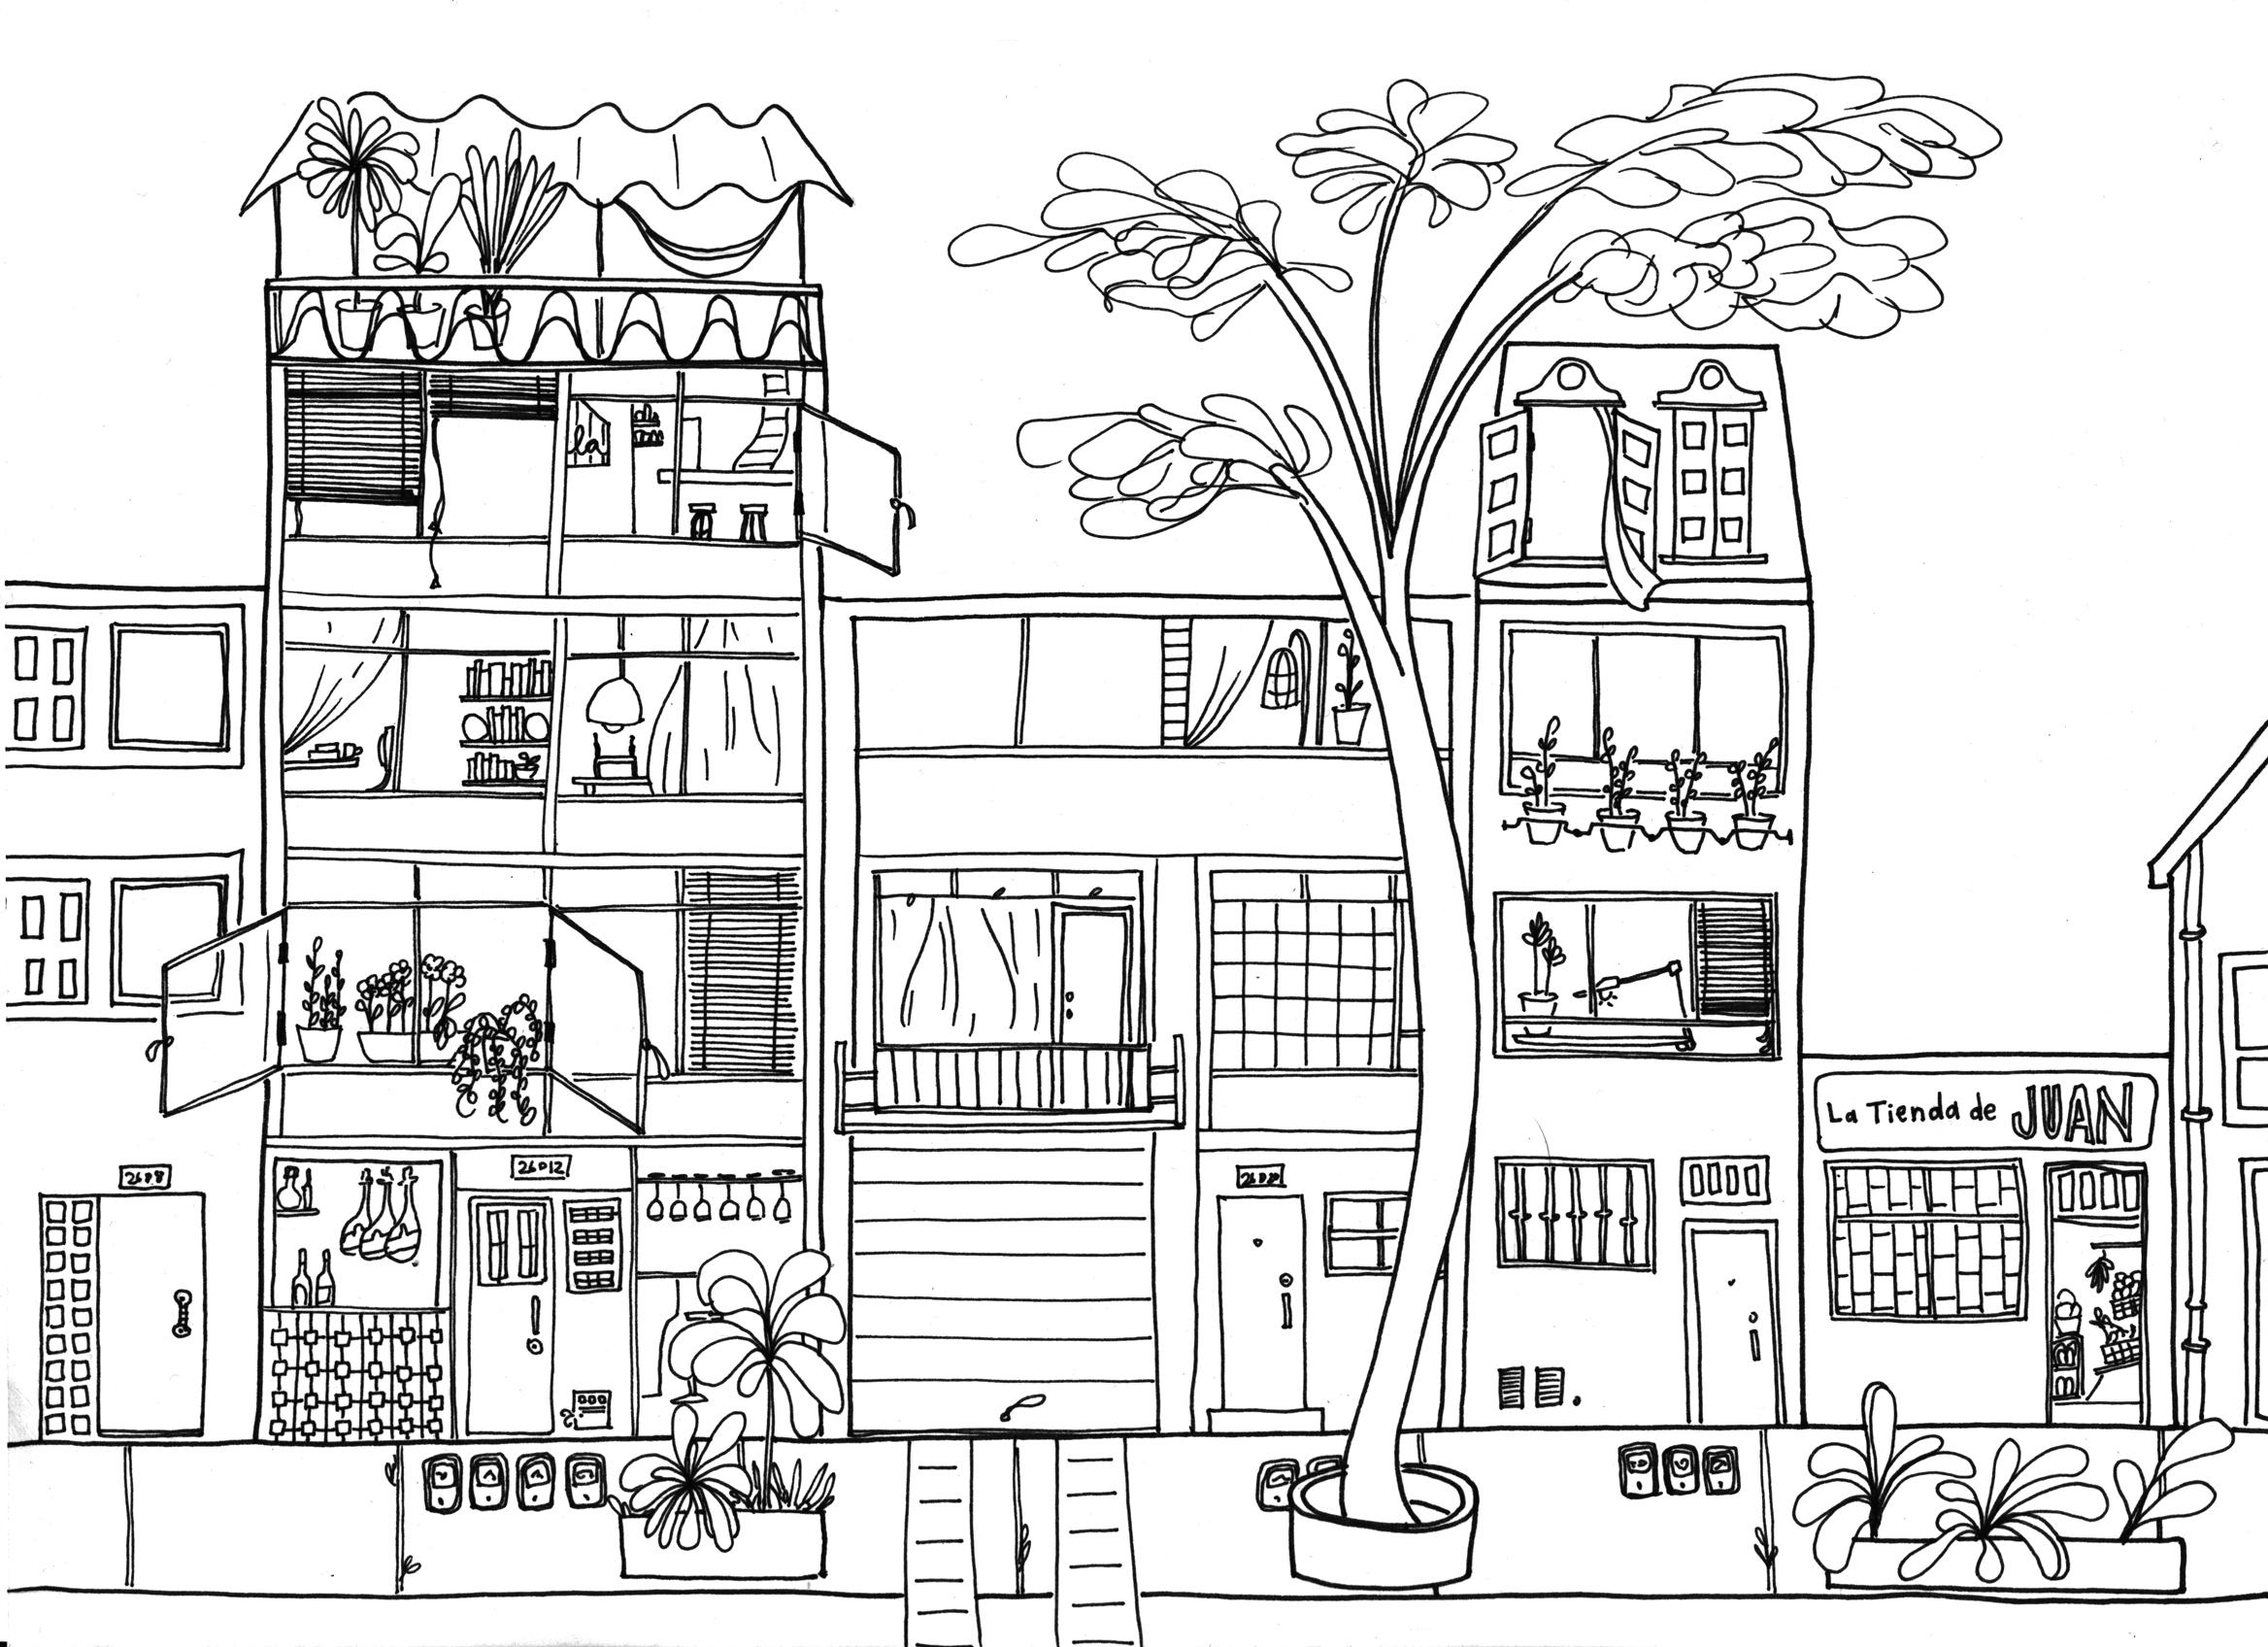 Dibujos para colorear sobre mi barrio - Imagui